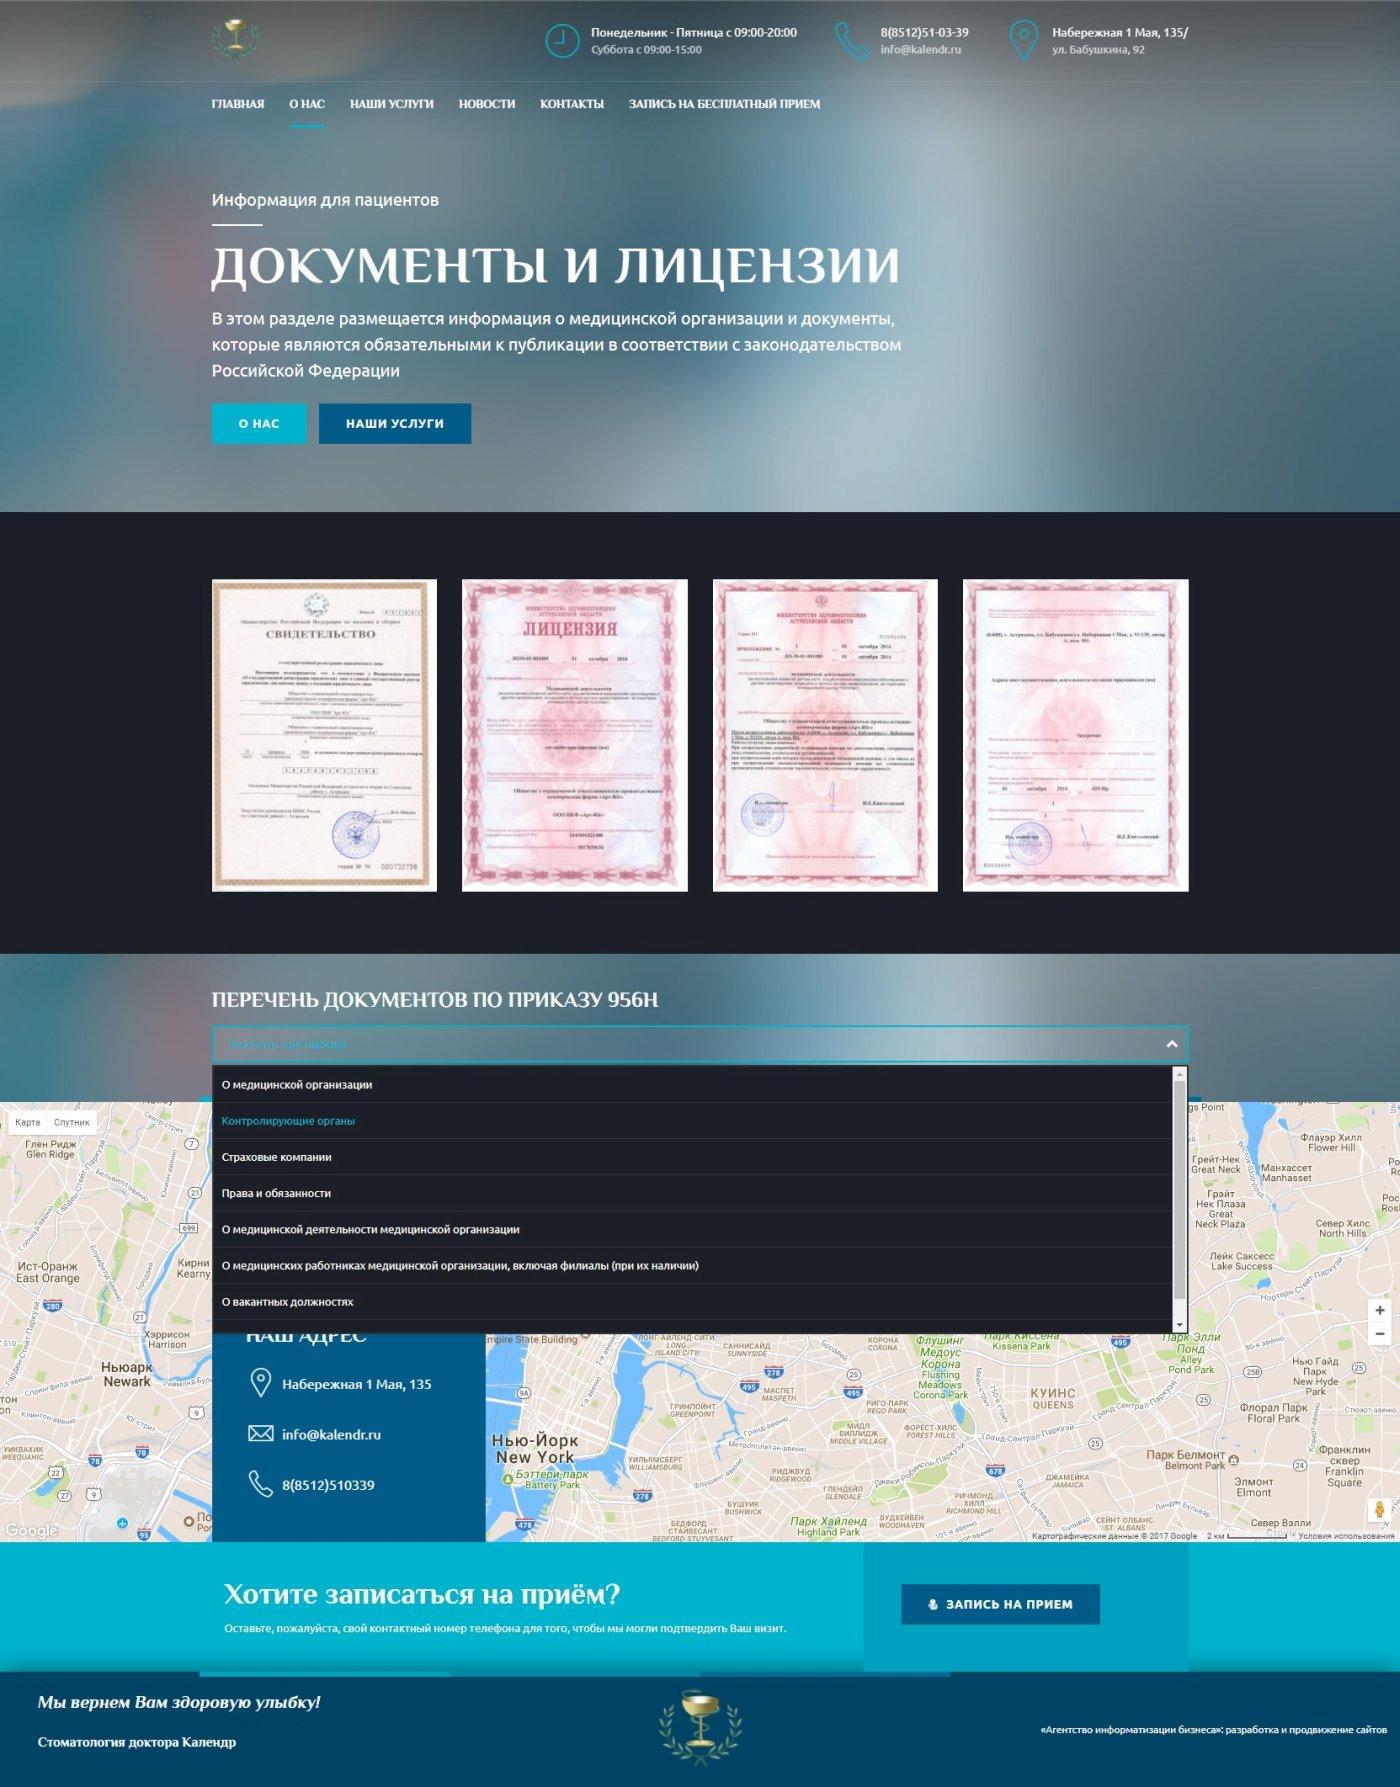 Dokumenty-Stomatologiya-doktora-Kalendr